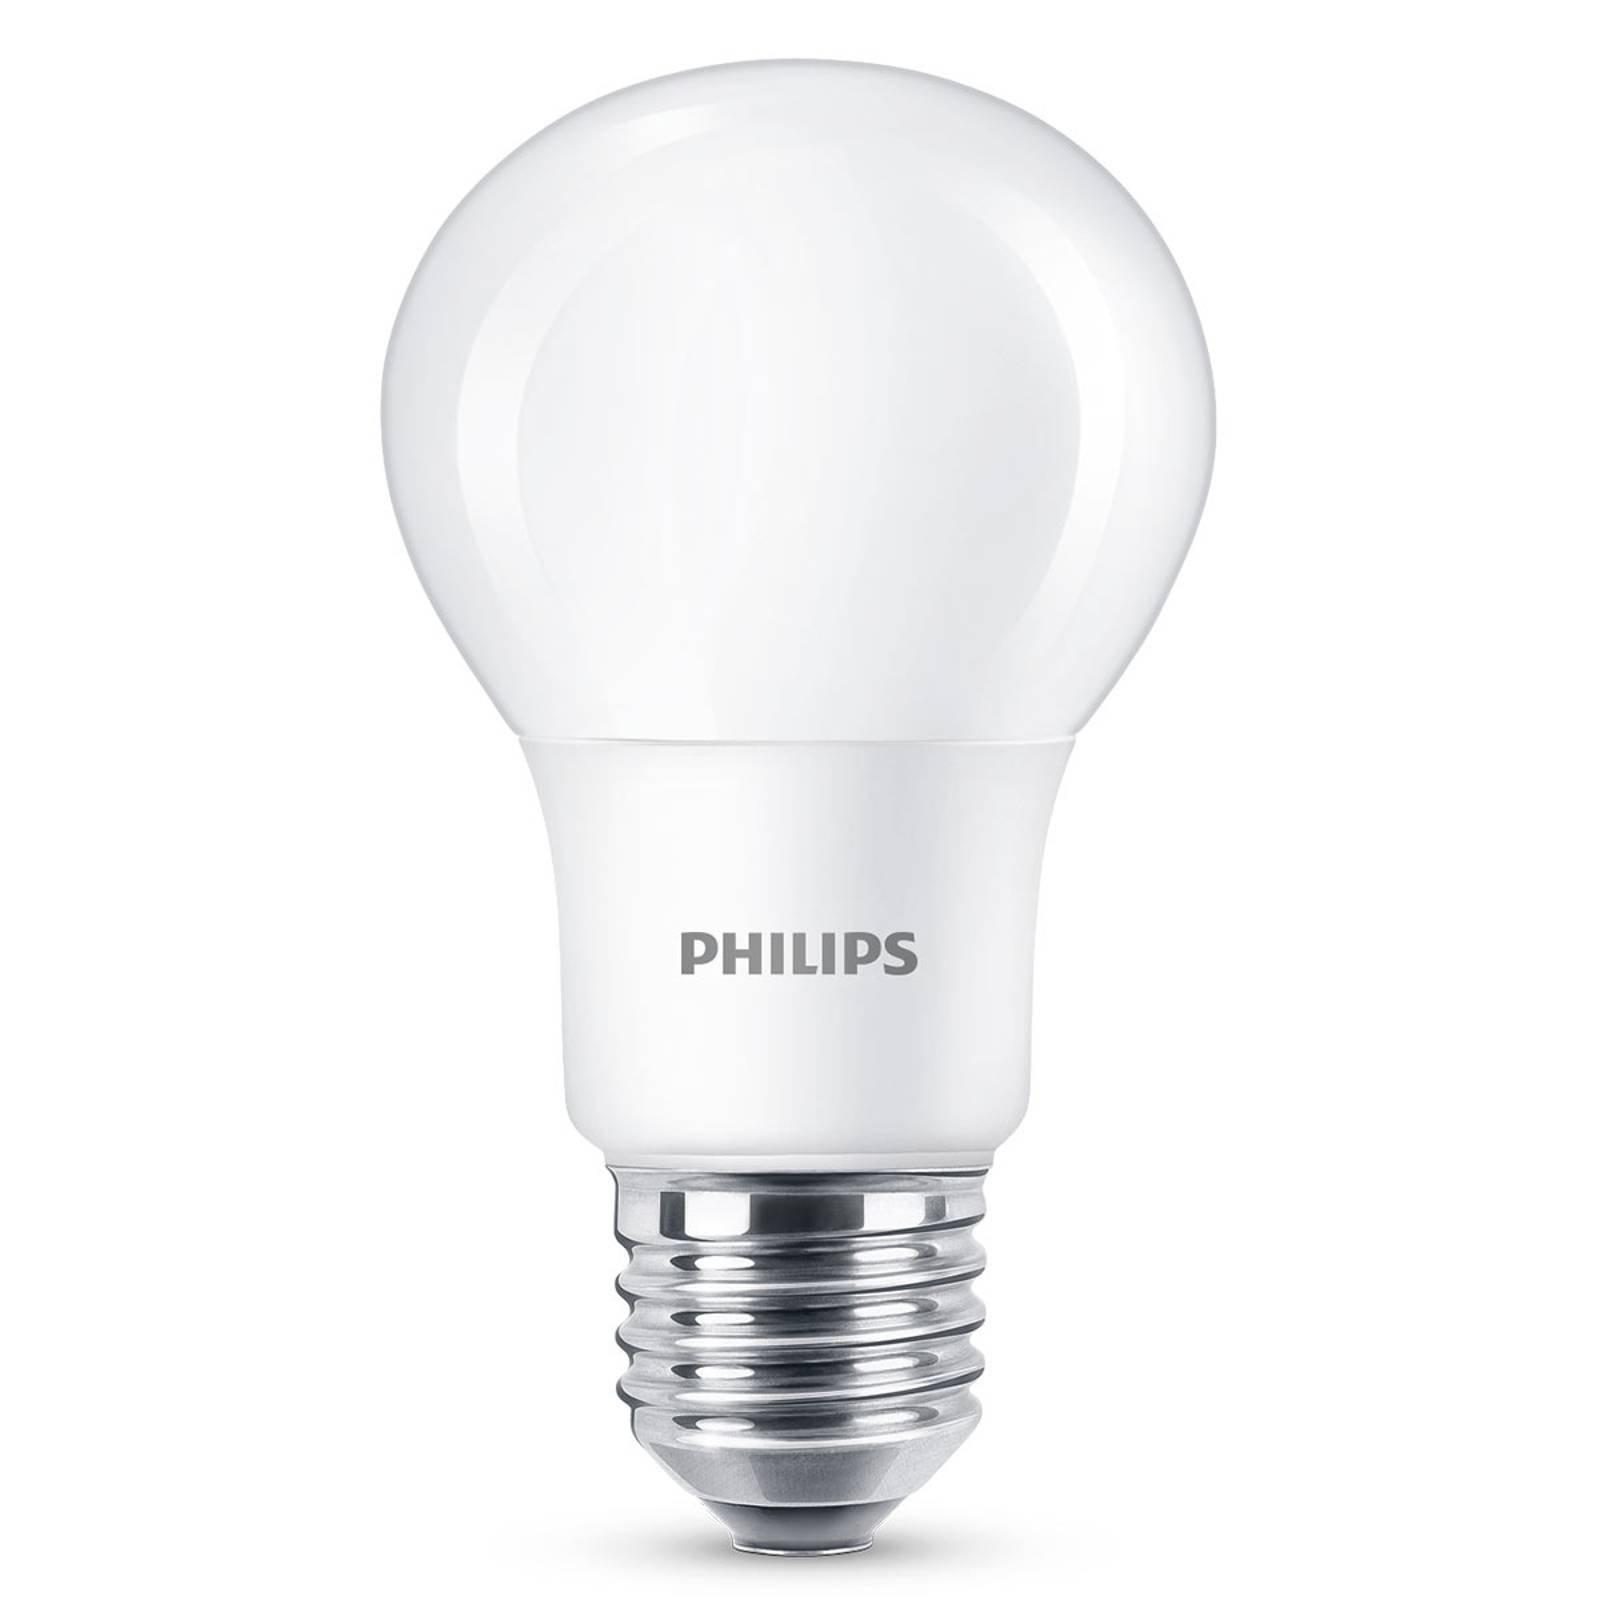 Philips E27 LED-pære 2,2W varmhvit, ikke dimbar